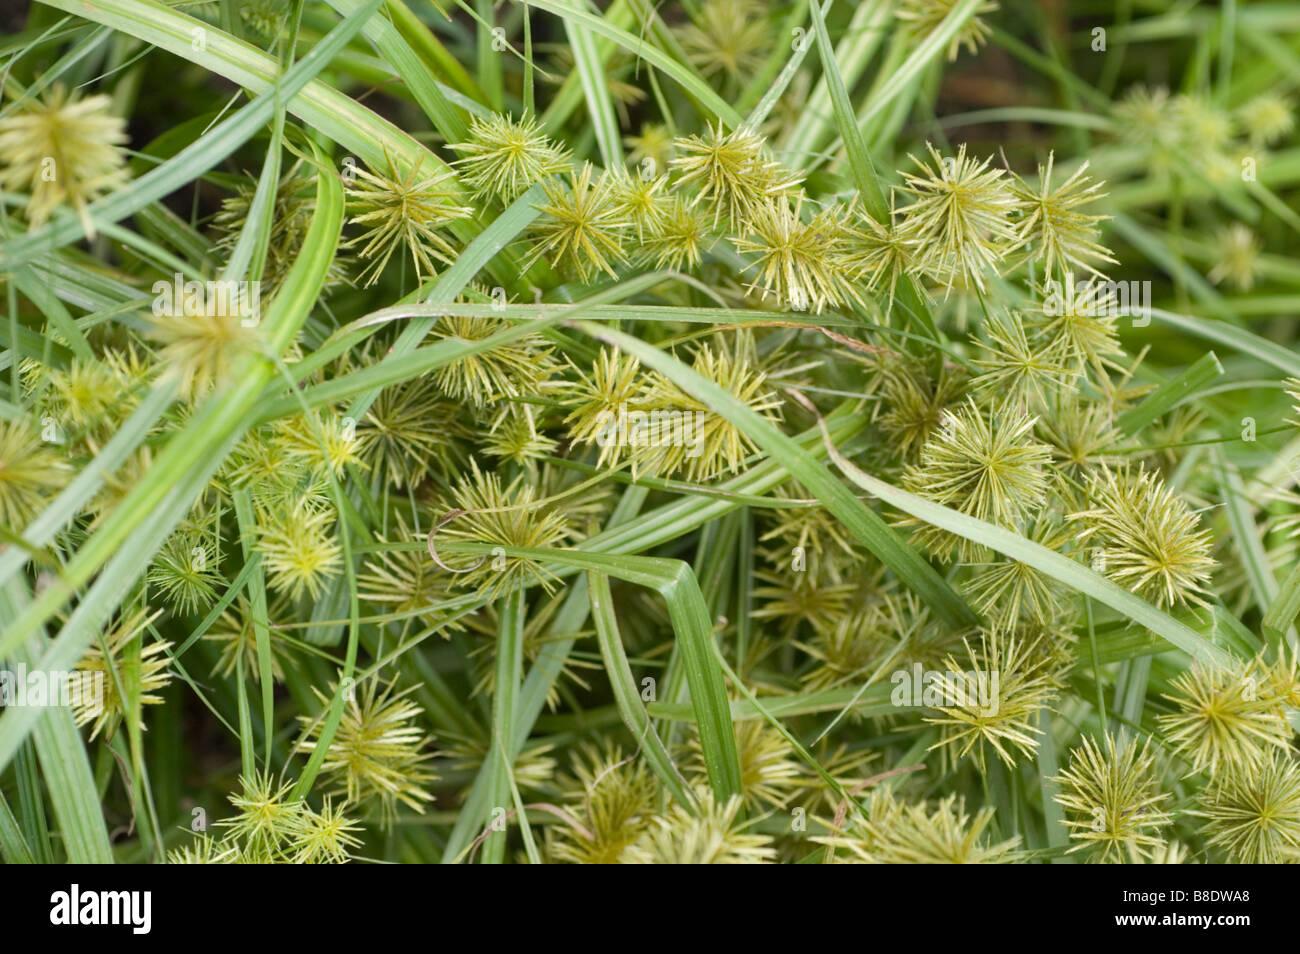 Scirpus atrovirens (dark-green bulrush): Go Botany